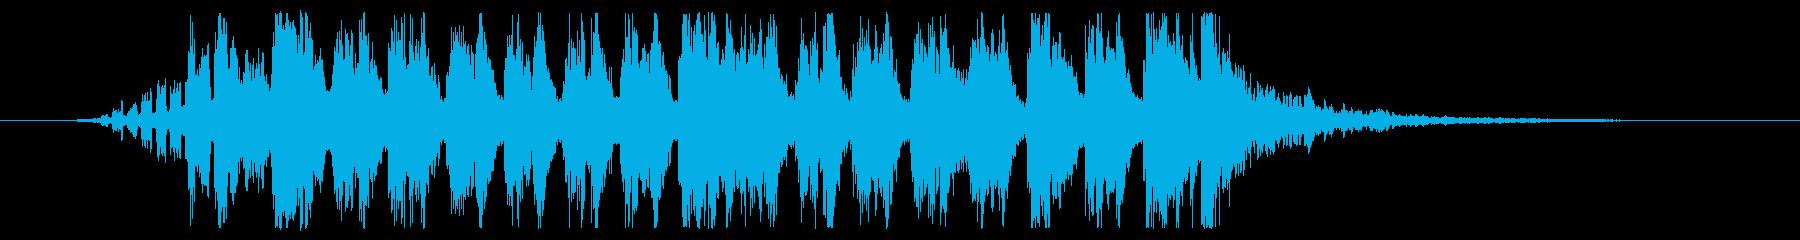 必殺技を繰り出すシンセサイザーの再生済みの波形